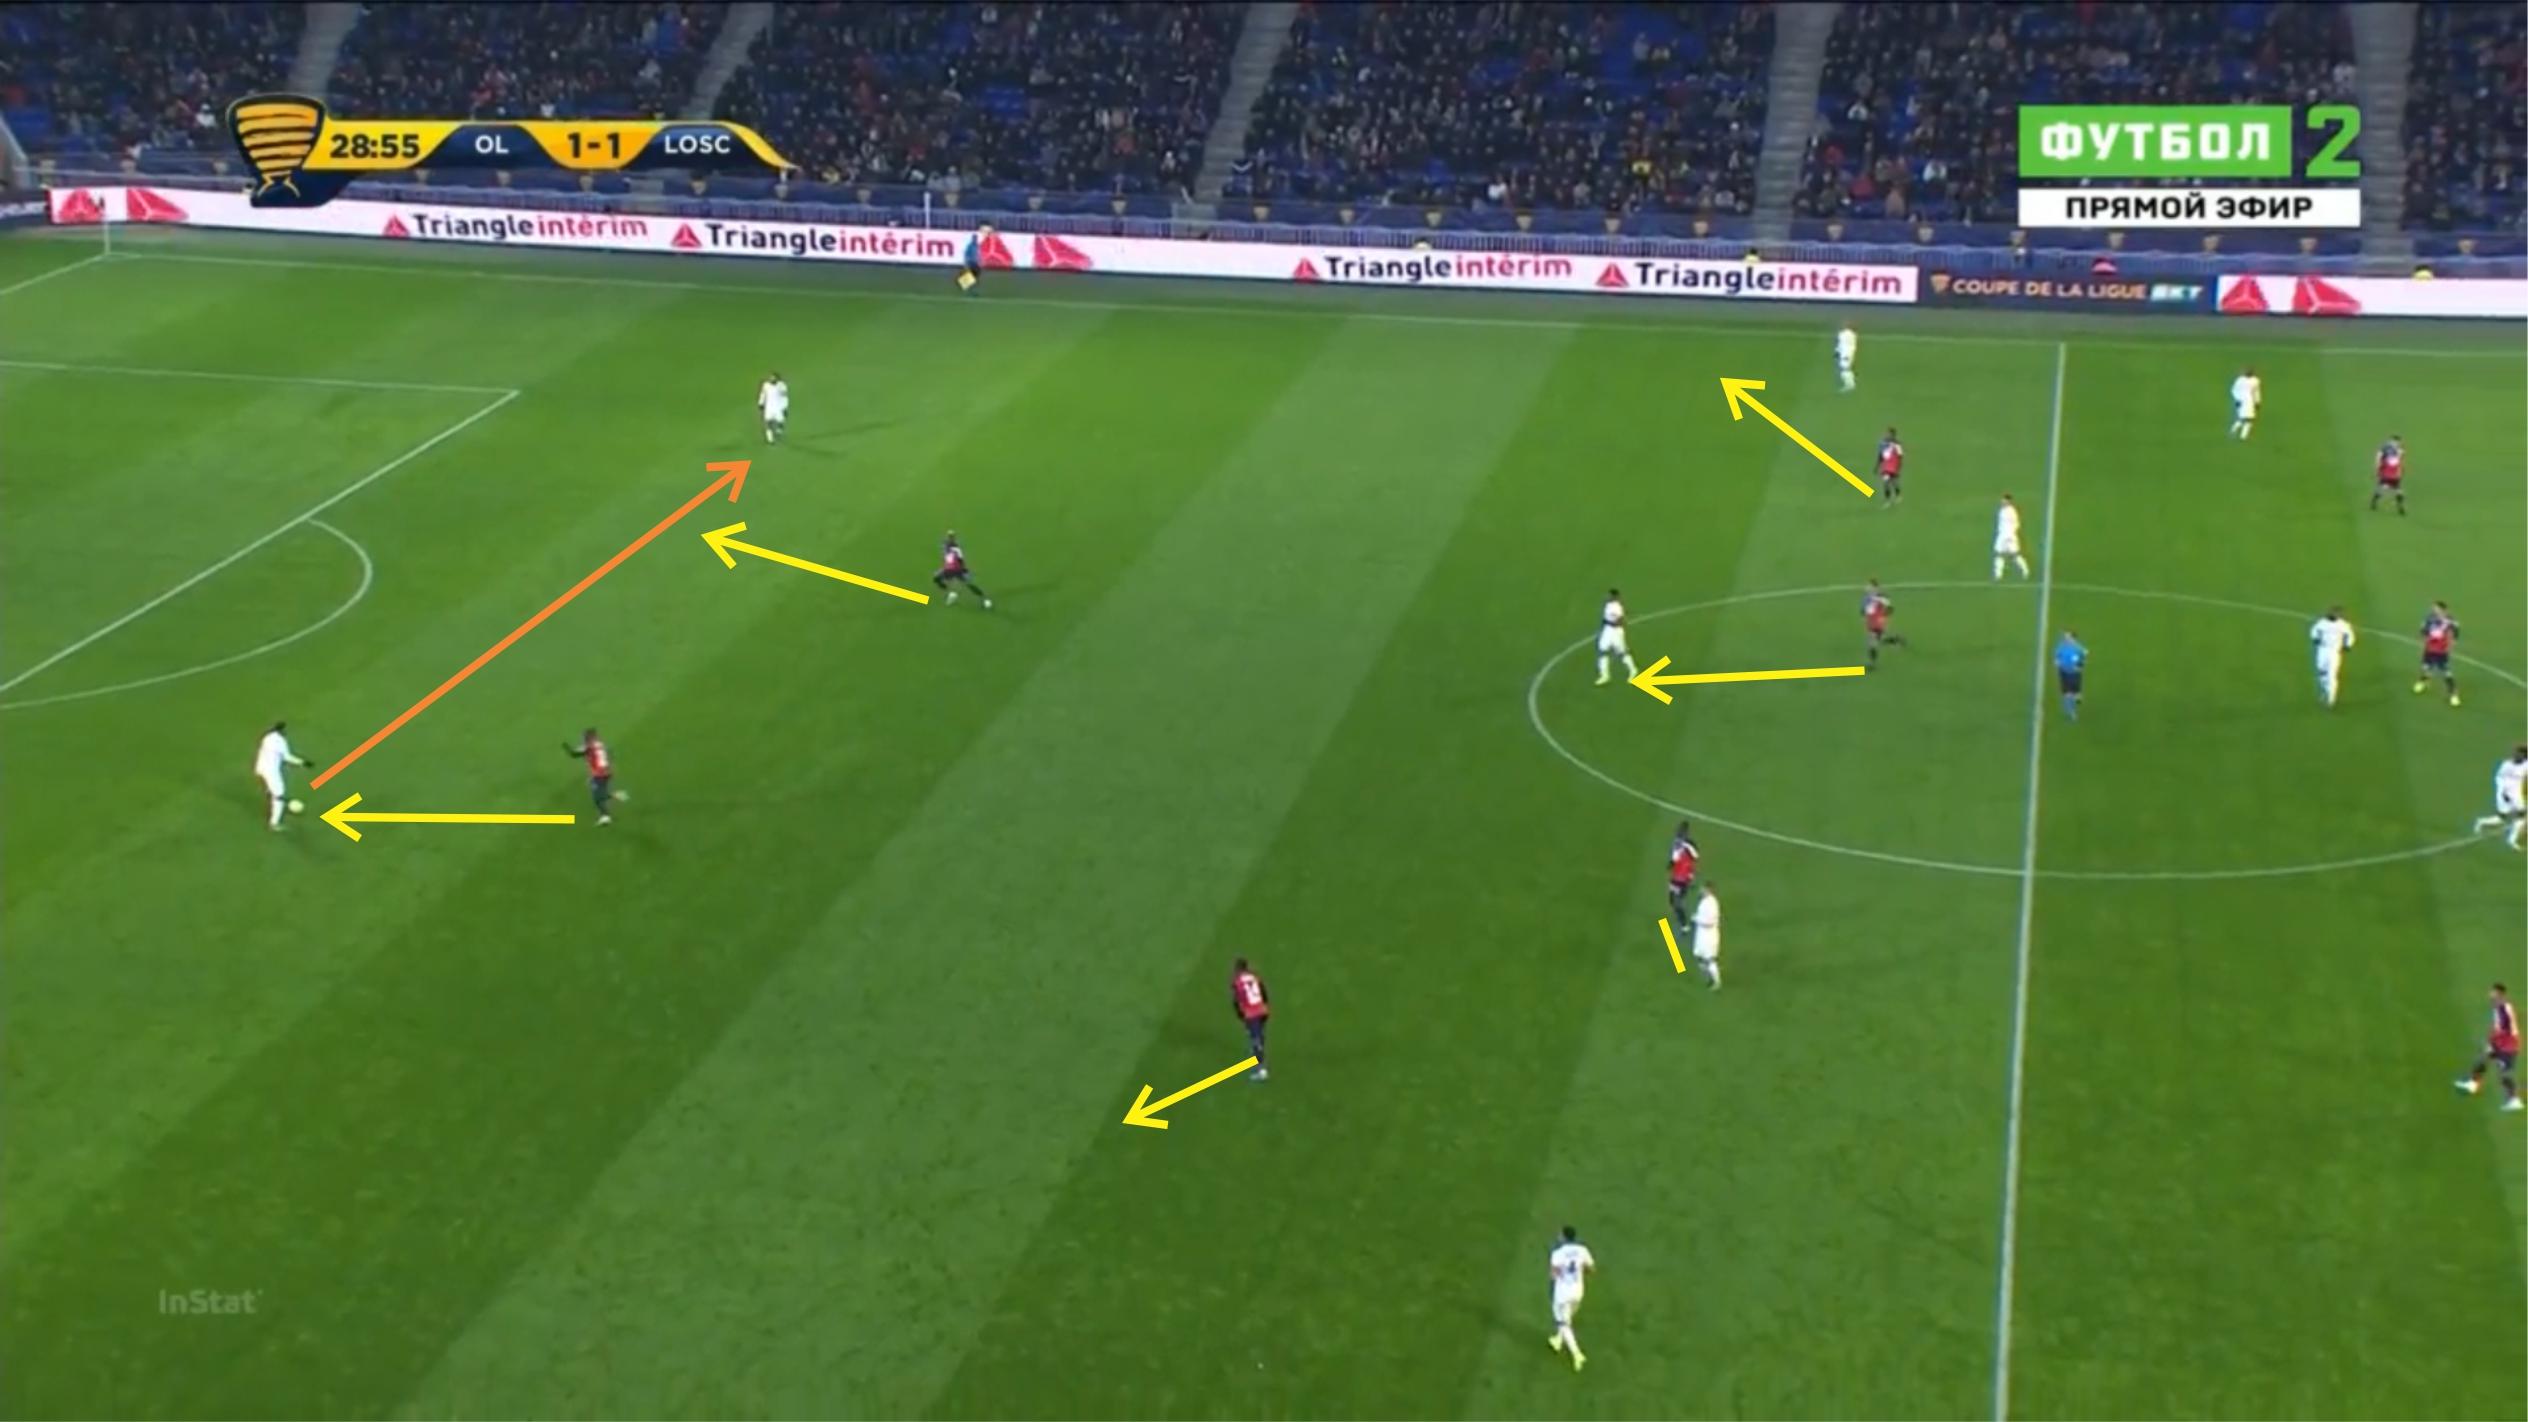 Coupe de France 2019/20: Lyon vs Marseille - tactical analysis tactics